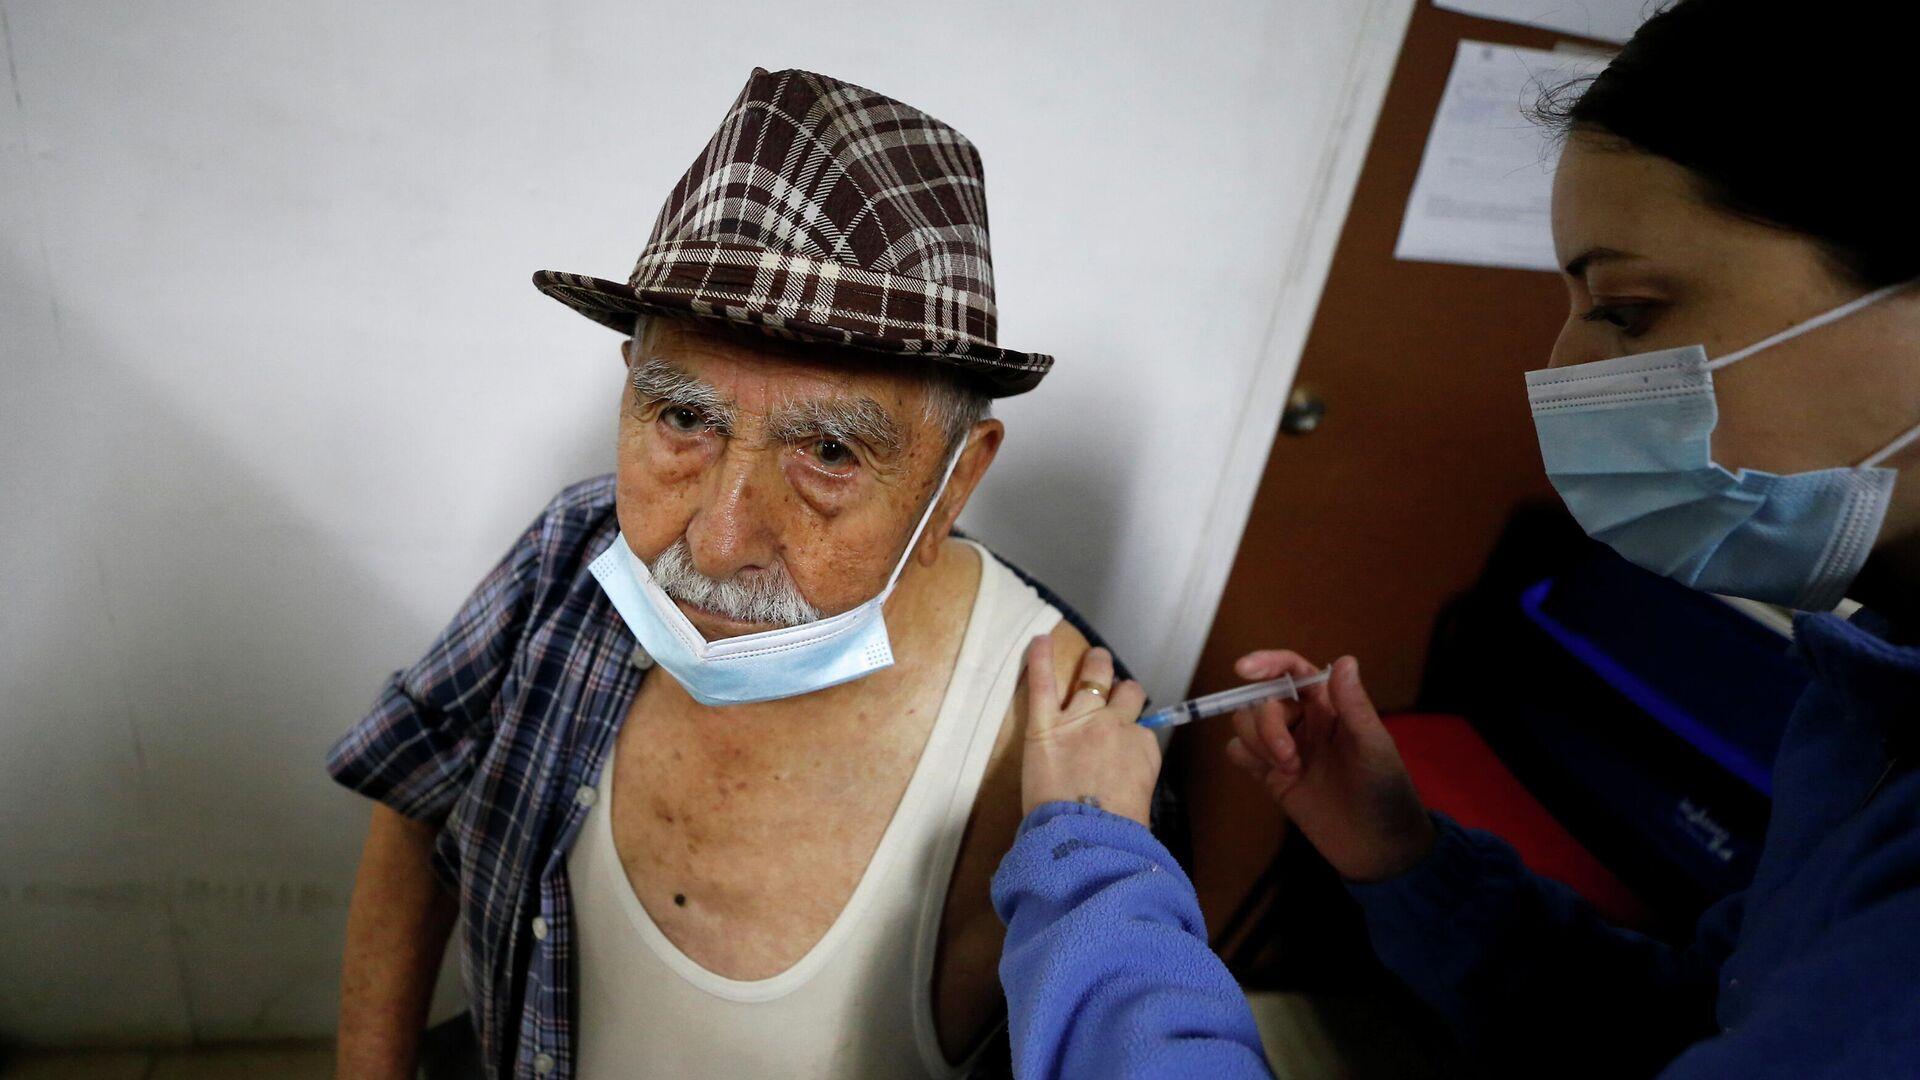 Vacunación en Chile - Sputnik Mundo, 1920, 26.08.2021